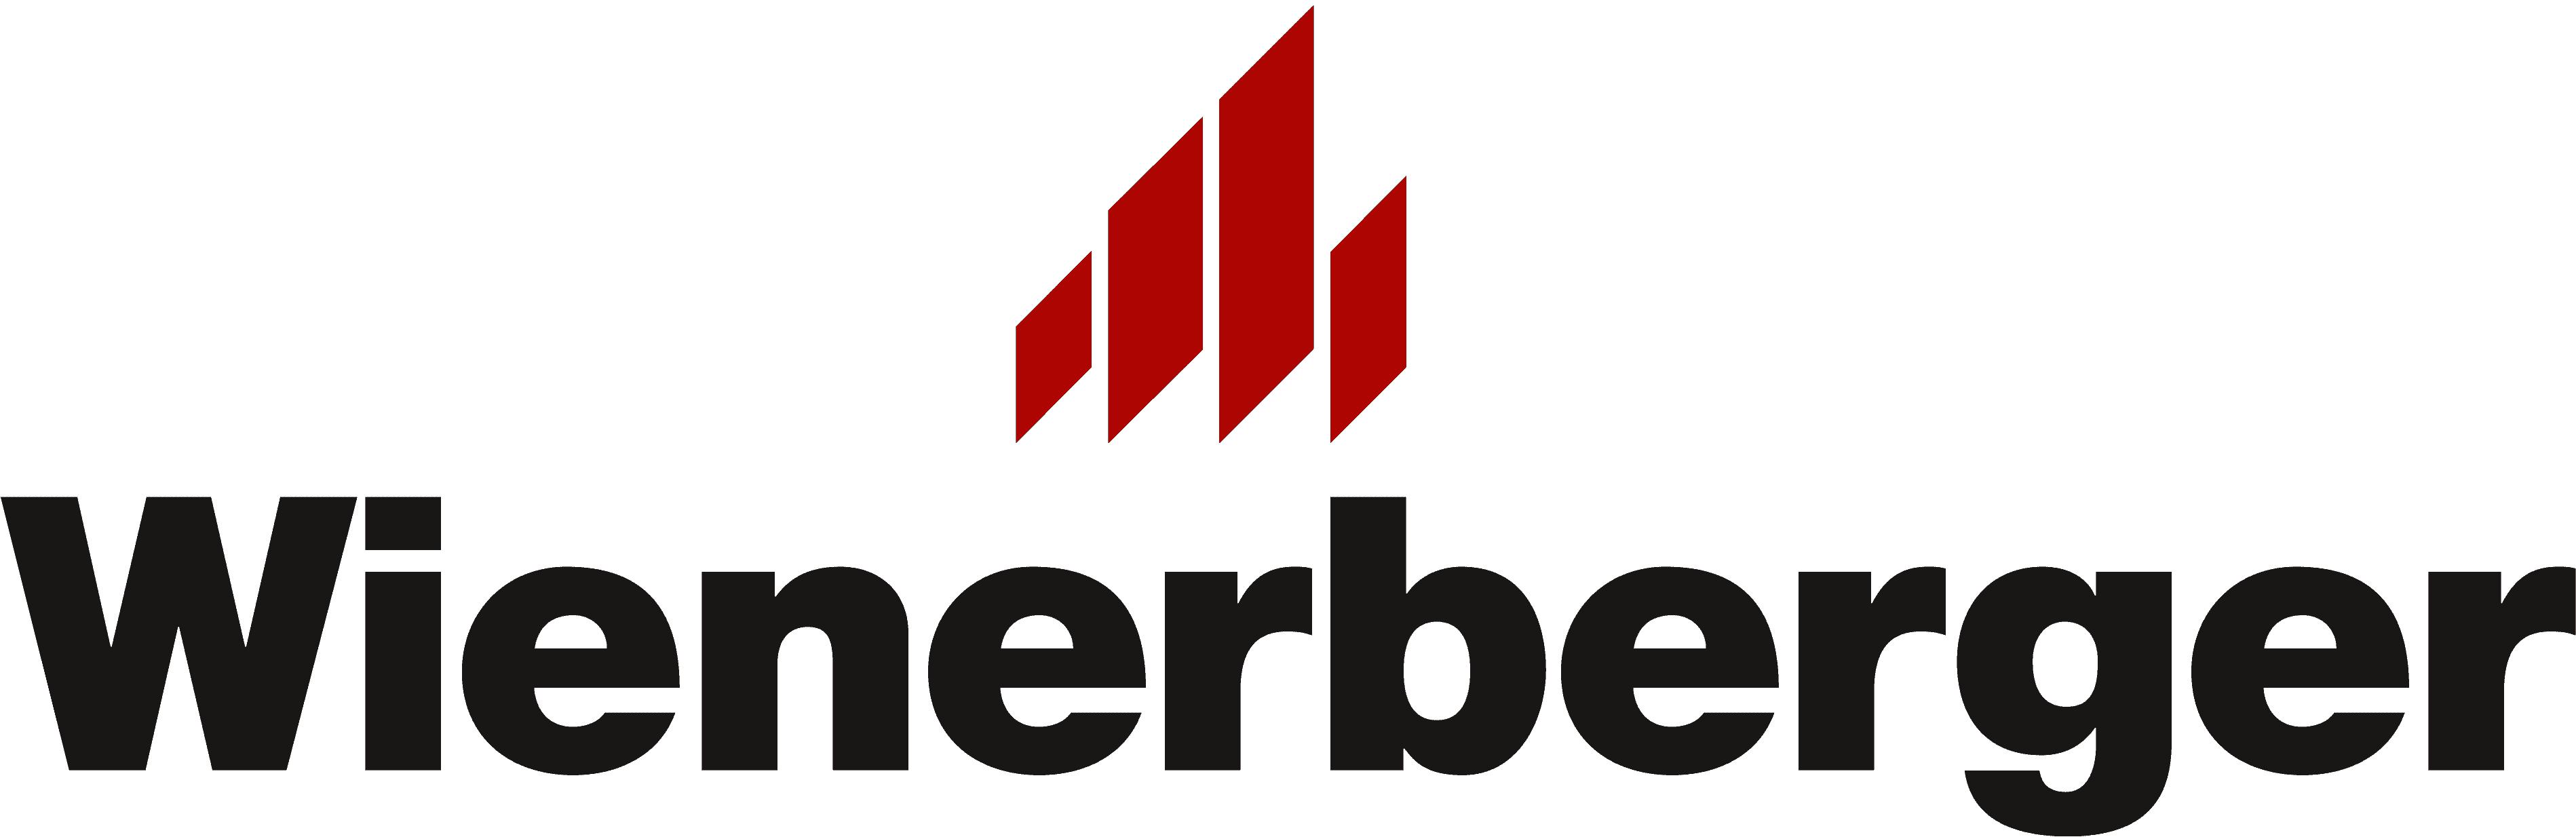 wienerberger logo schwarz rot